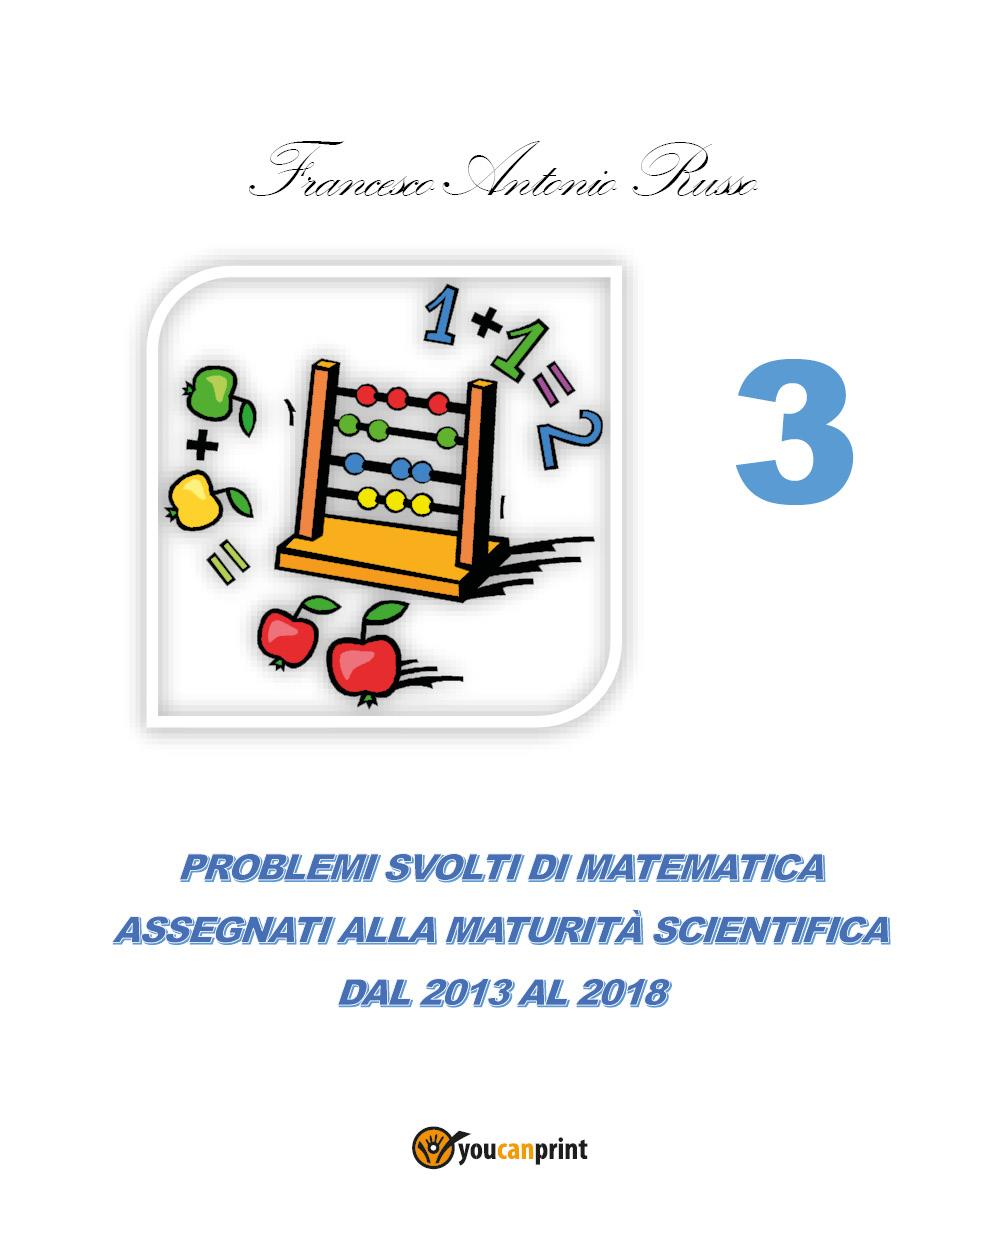 Problemi svolti di matematica assegnati alla Maturità Scientifica dal 2013 al 2017 - TOMO 3